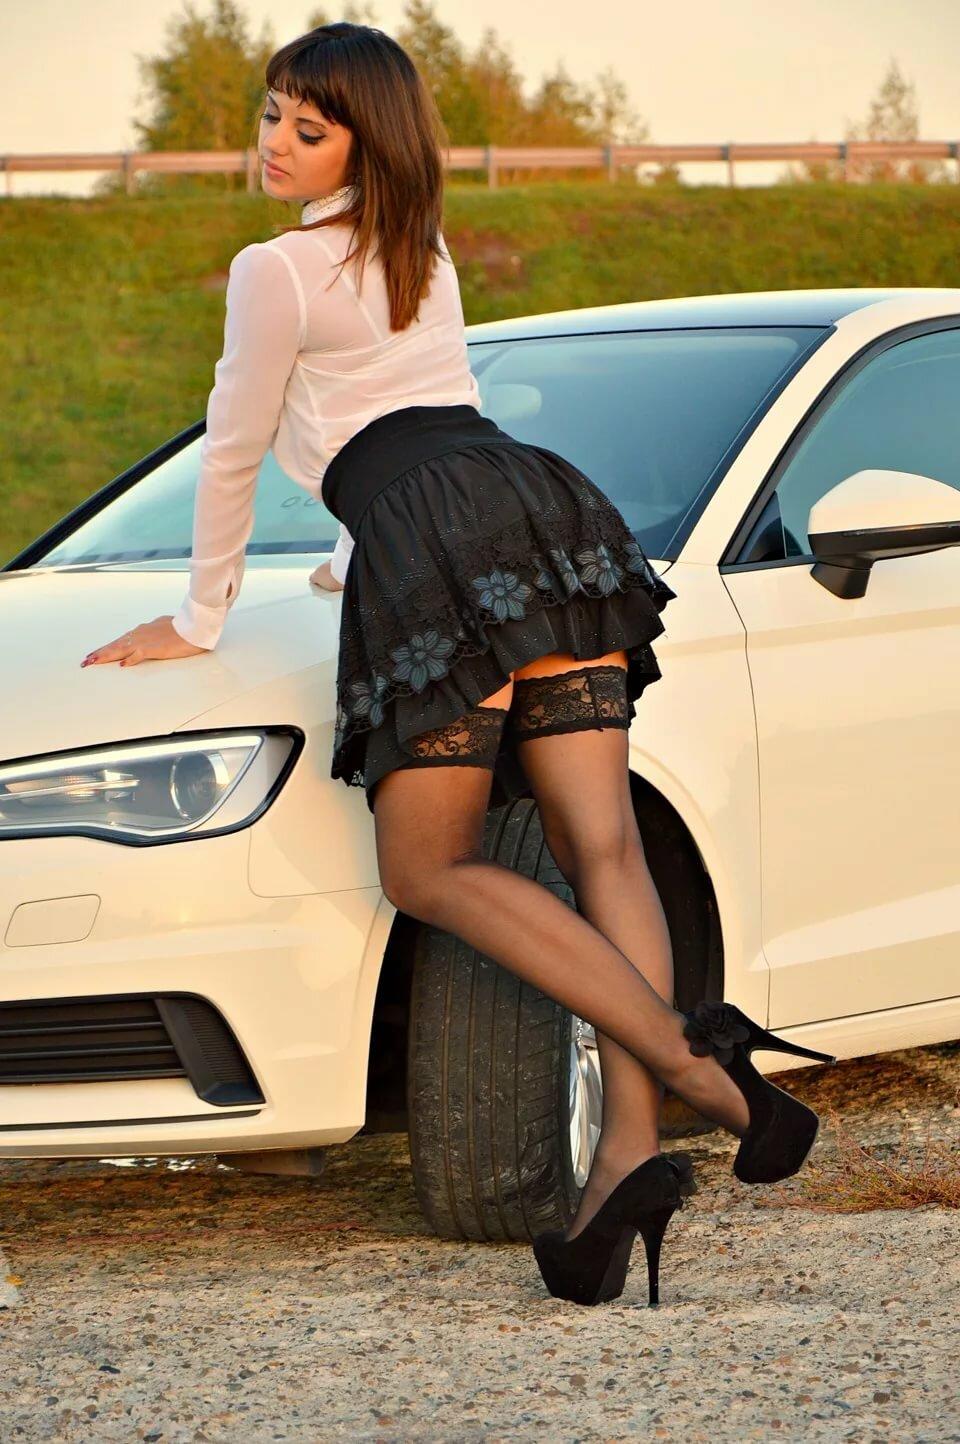 Девушка в коротком платье наклоняется к машине, трахают валю видео валя сосет